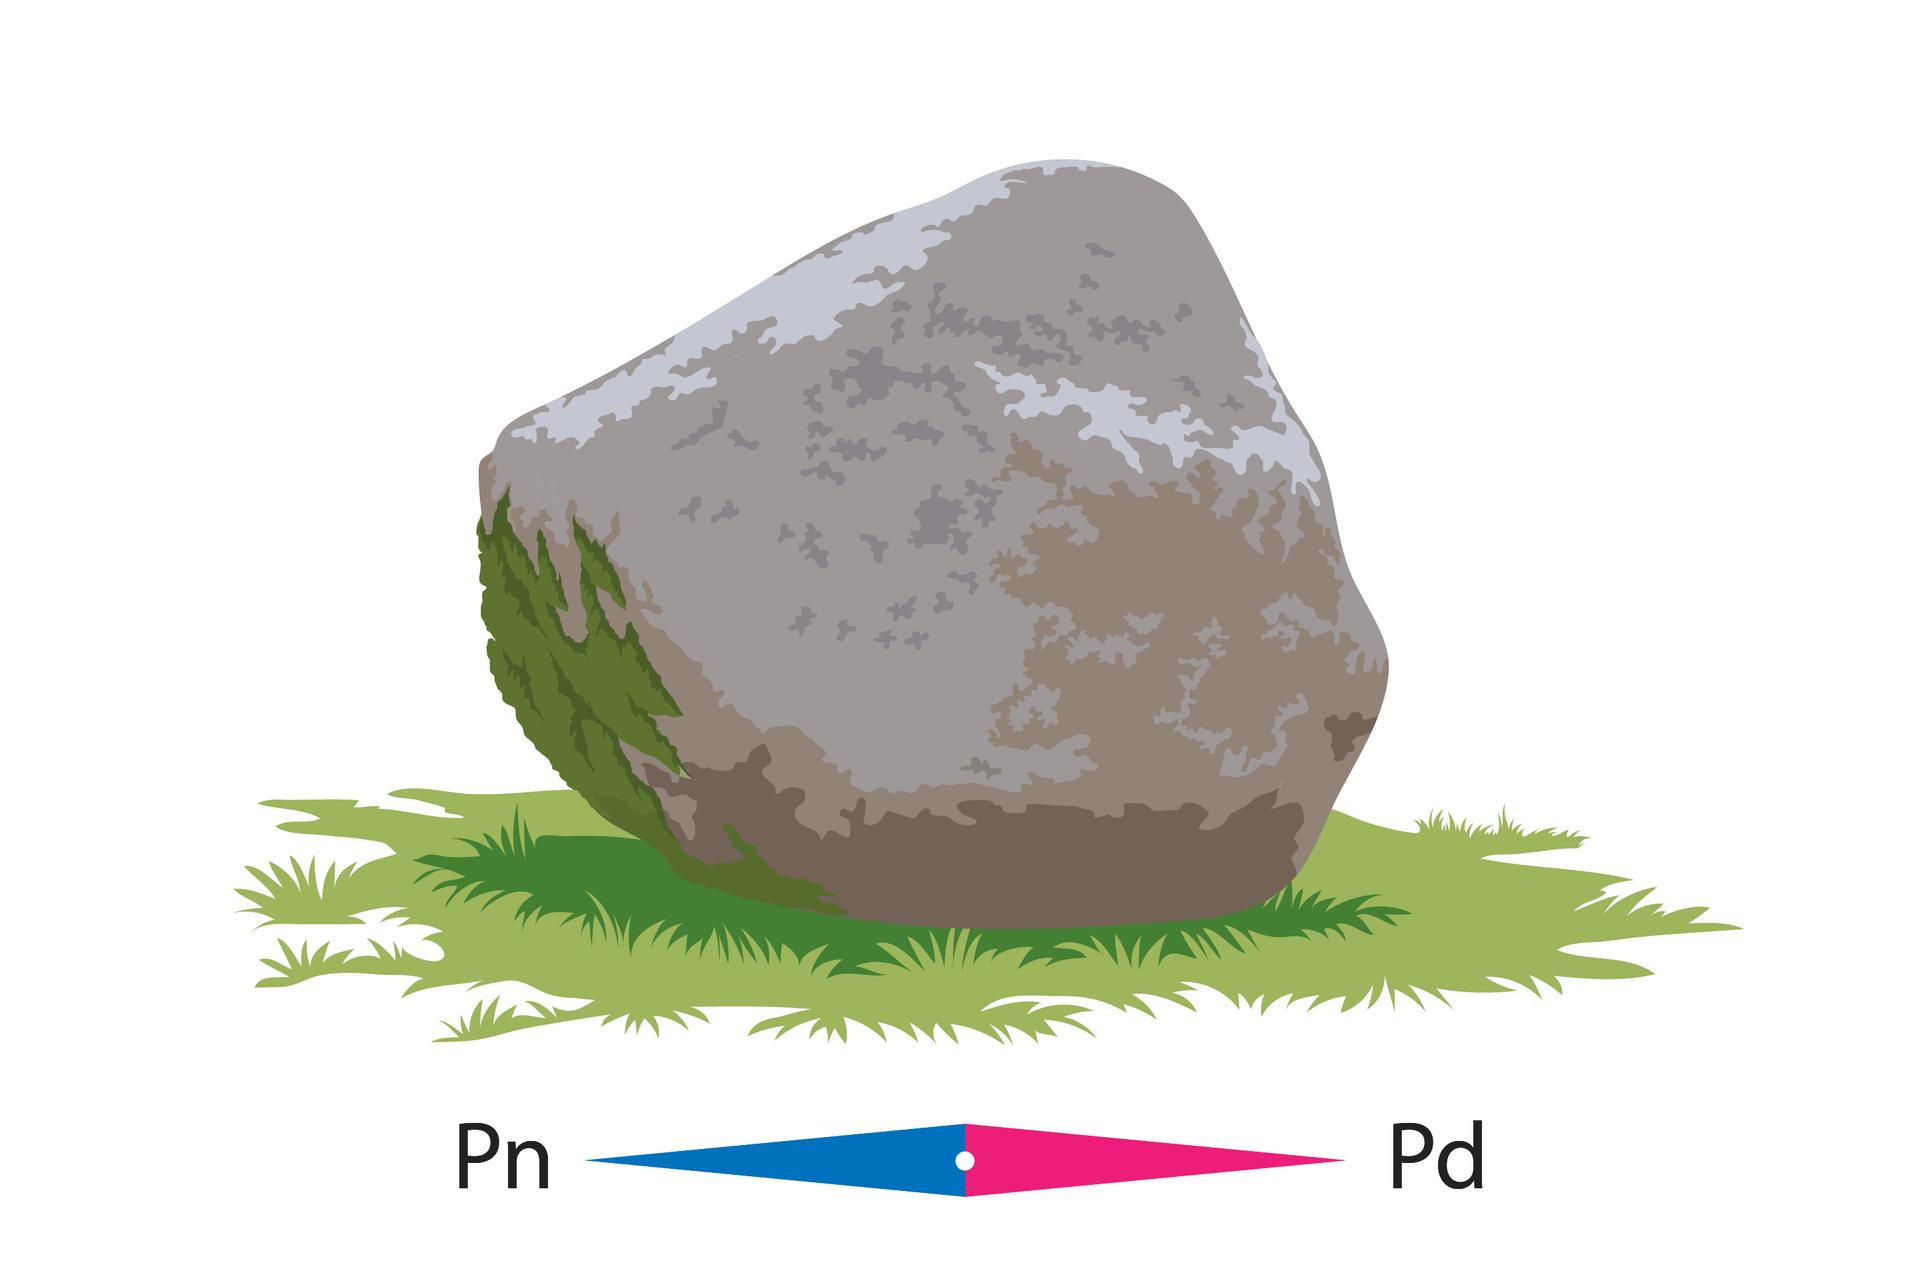 Na ilustracji pokazano głaz, którego strona północna jest porośnięta mchem.